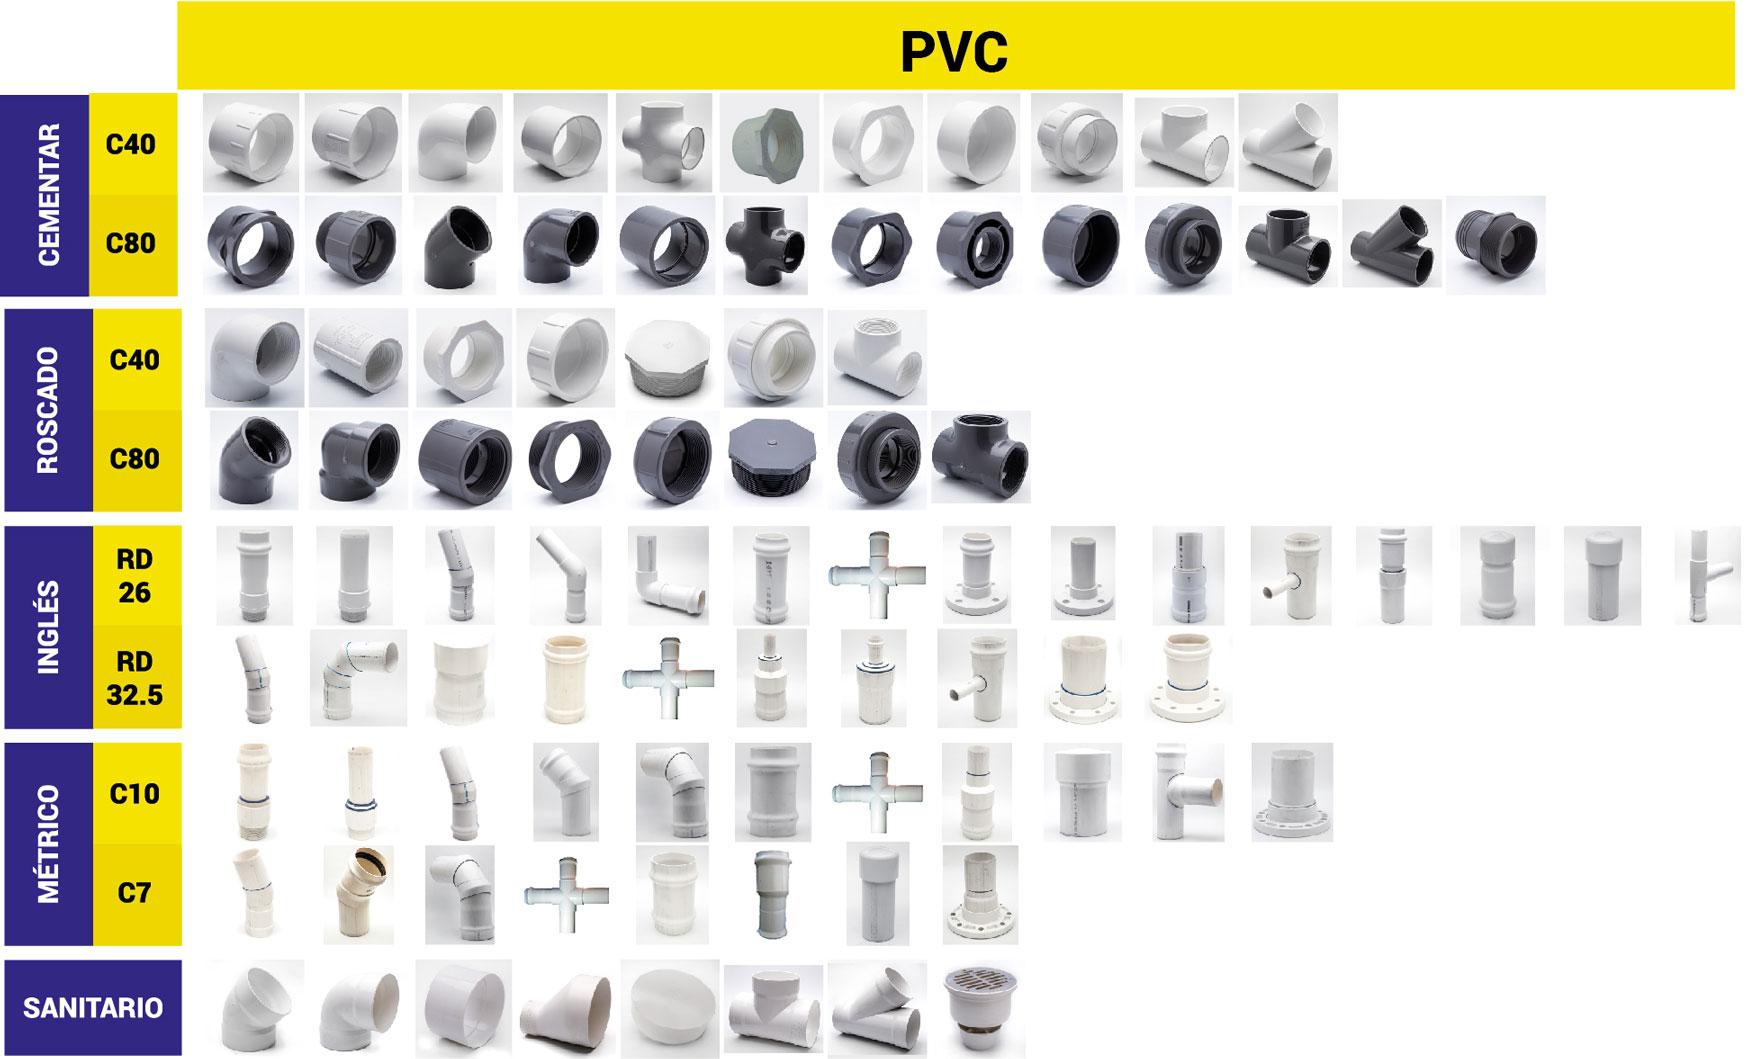 CONEXIONES DE PVC